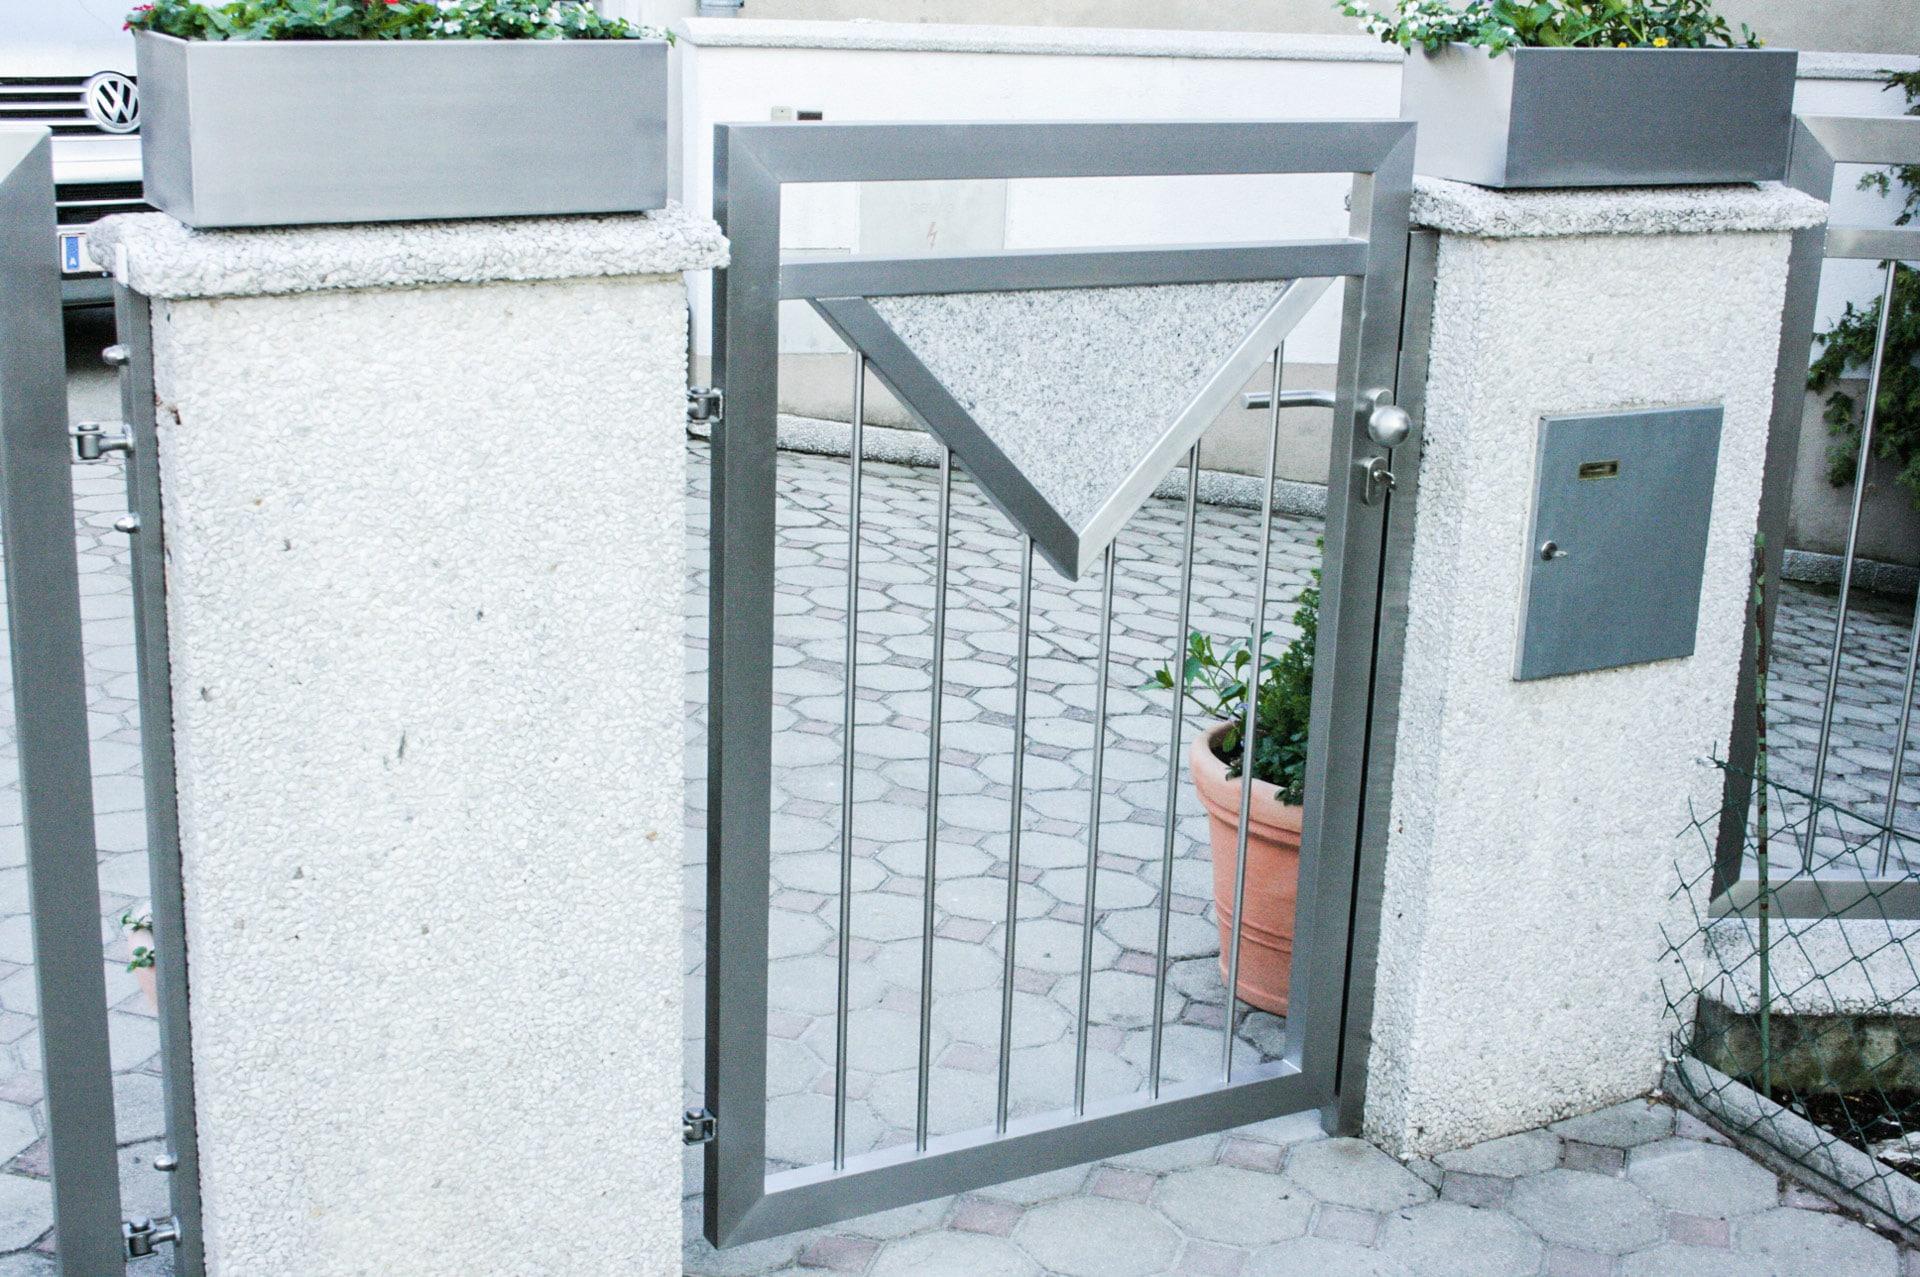 ZE Bonn 01 c | Zauntür mit senkrechten Stäben und Steindekor | Svoboda Metalltechnik